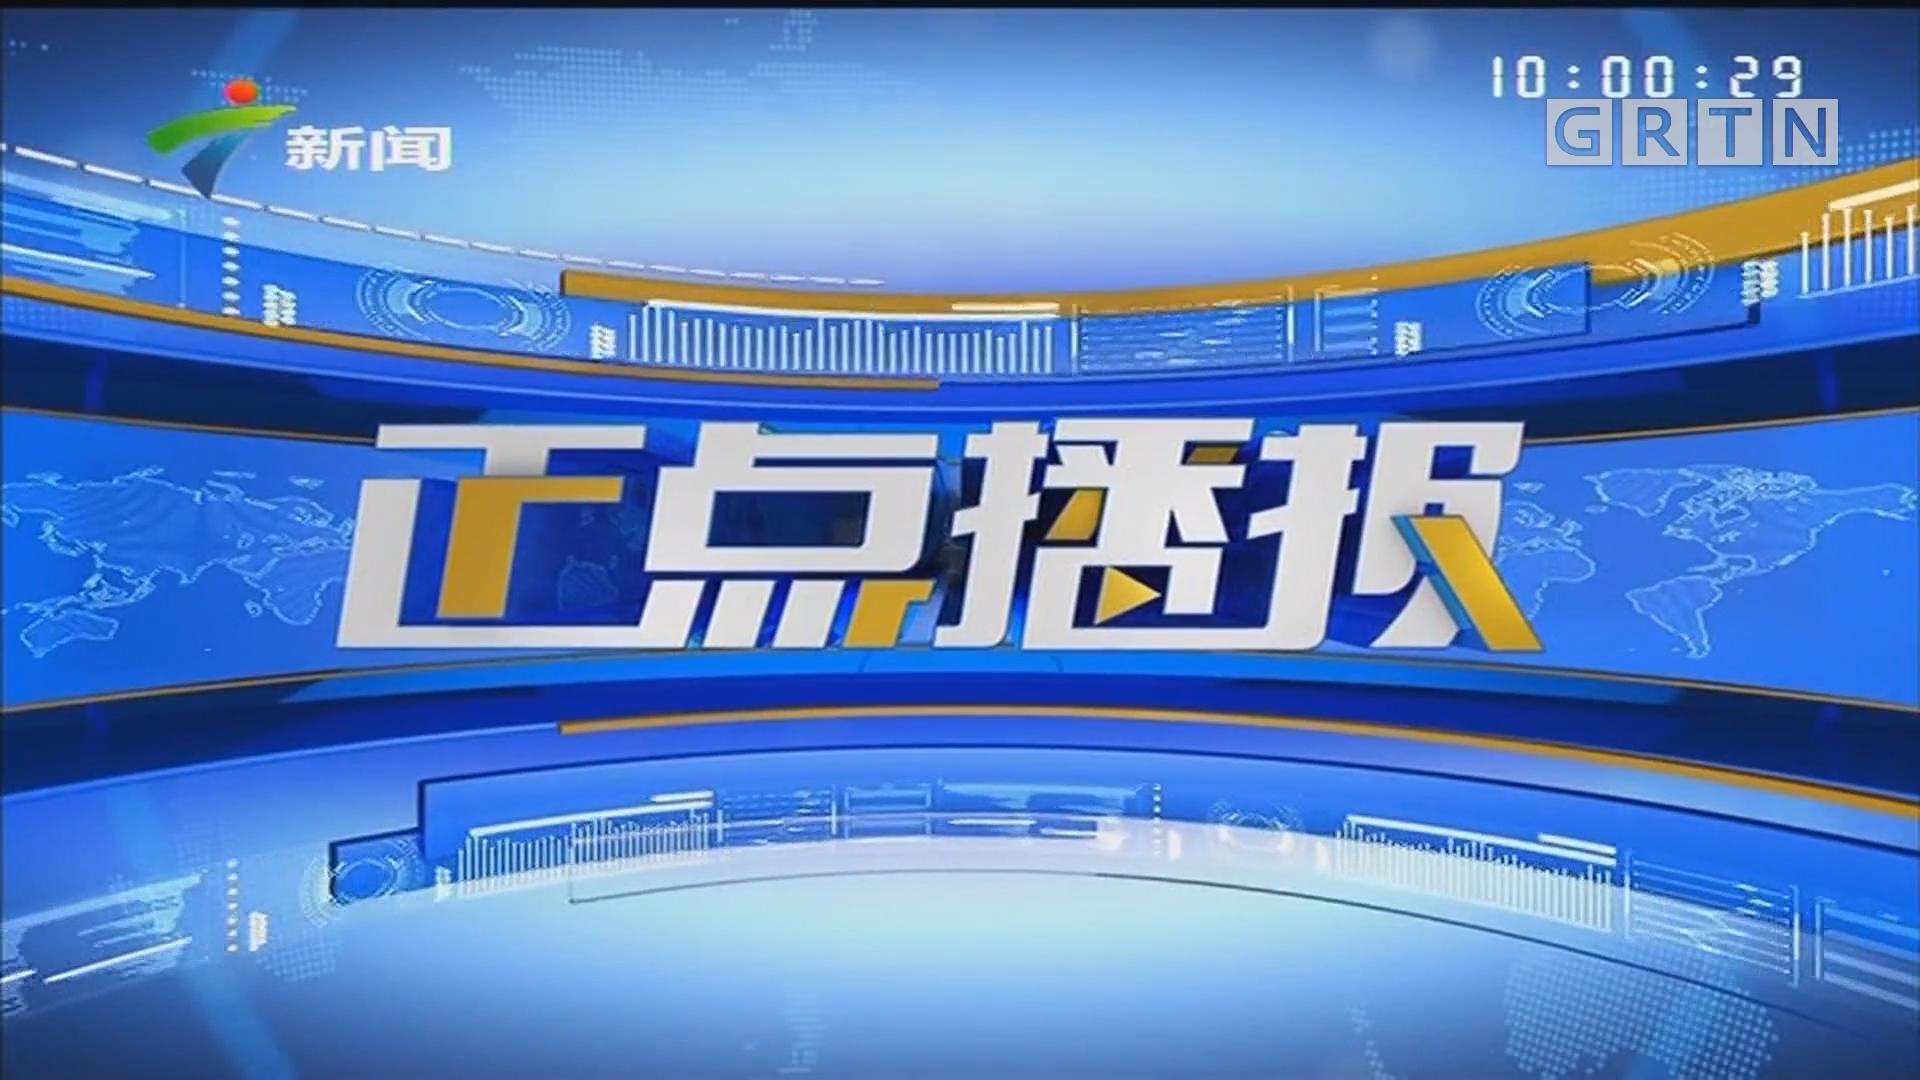 [HD][2019-08-31]正点播报:习近平出席2019年国际篮联篮球世界杯开幕式